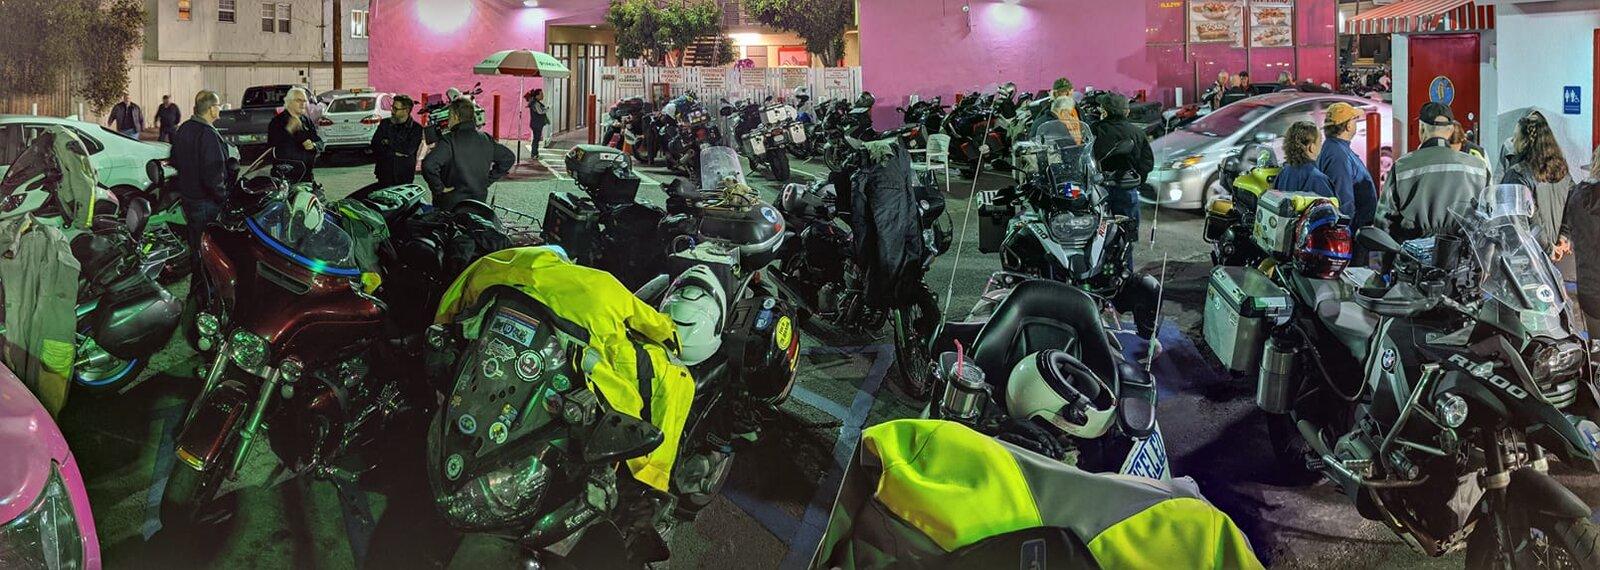 Bikes in attendance.jpg